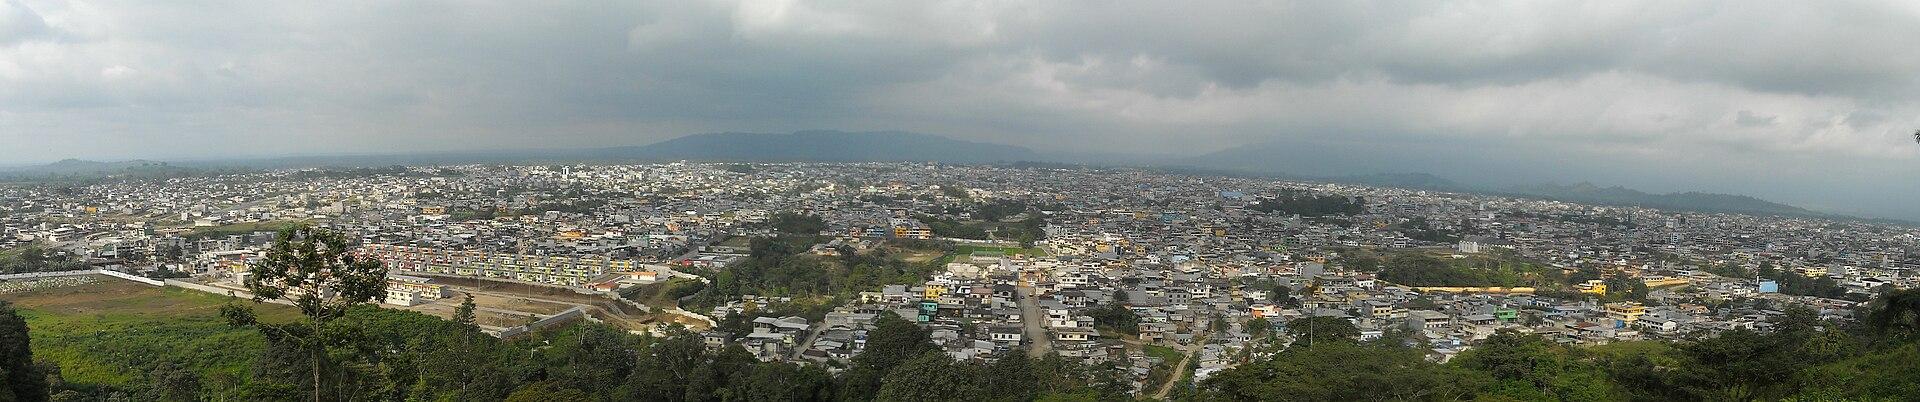 Santo Domingo de los Colorados from Cerro Bombolì (Wikipedia)